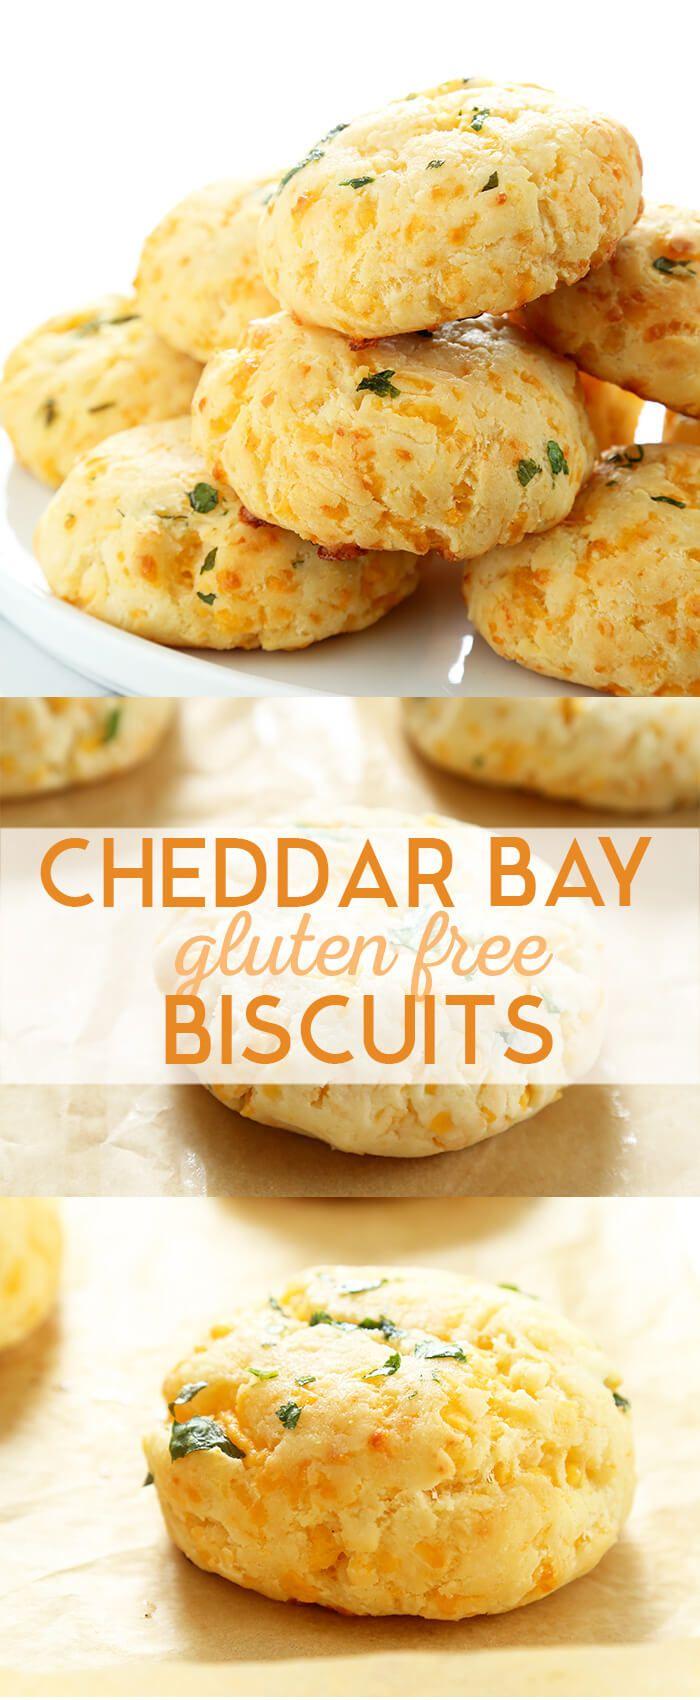 Gluten Free Cheddar Bay Biscuits Hleb Bez Glyutena Idei Dlya Blyud